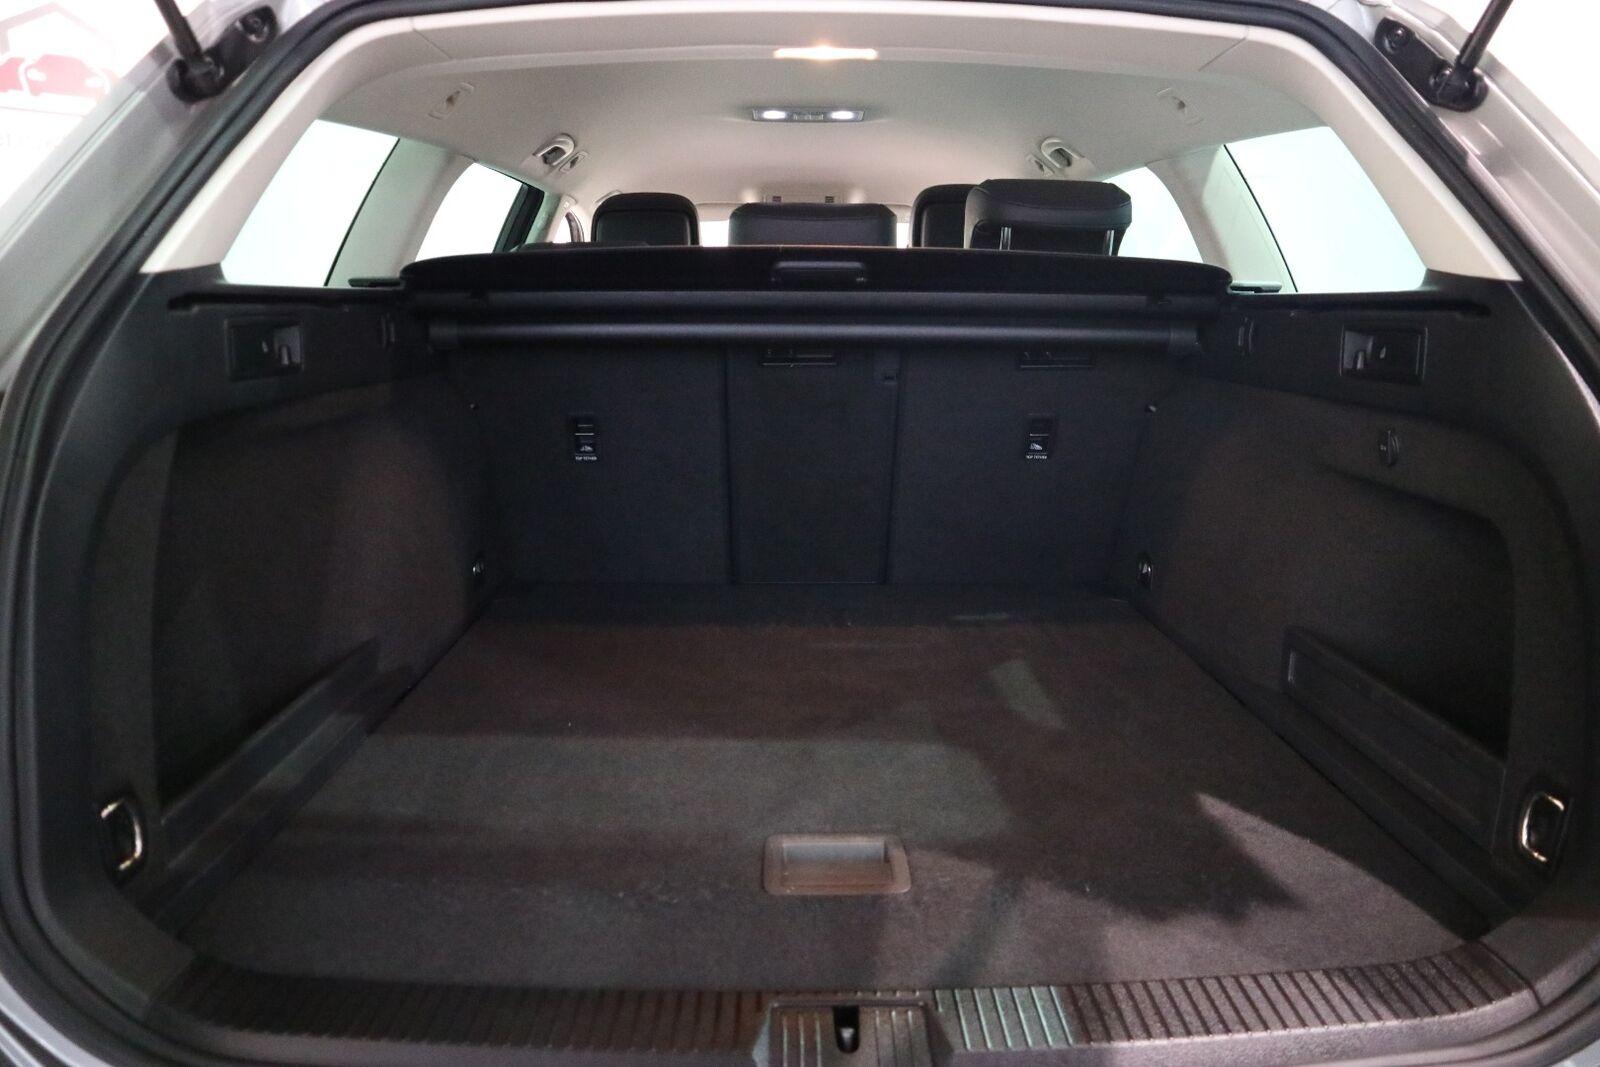 VW Passat 2,0 TDi 150 Highline Variant DSG - billede 13